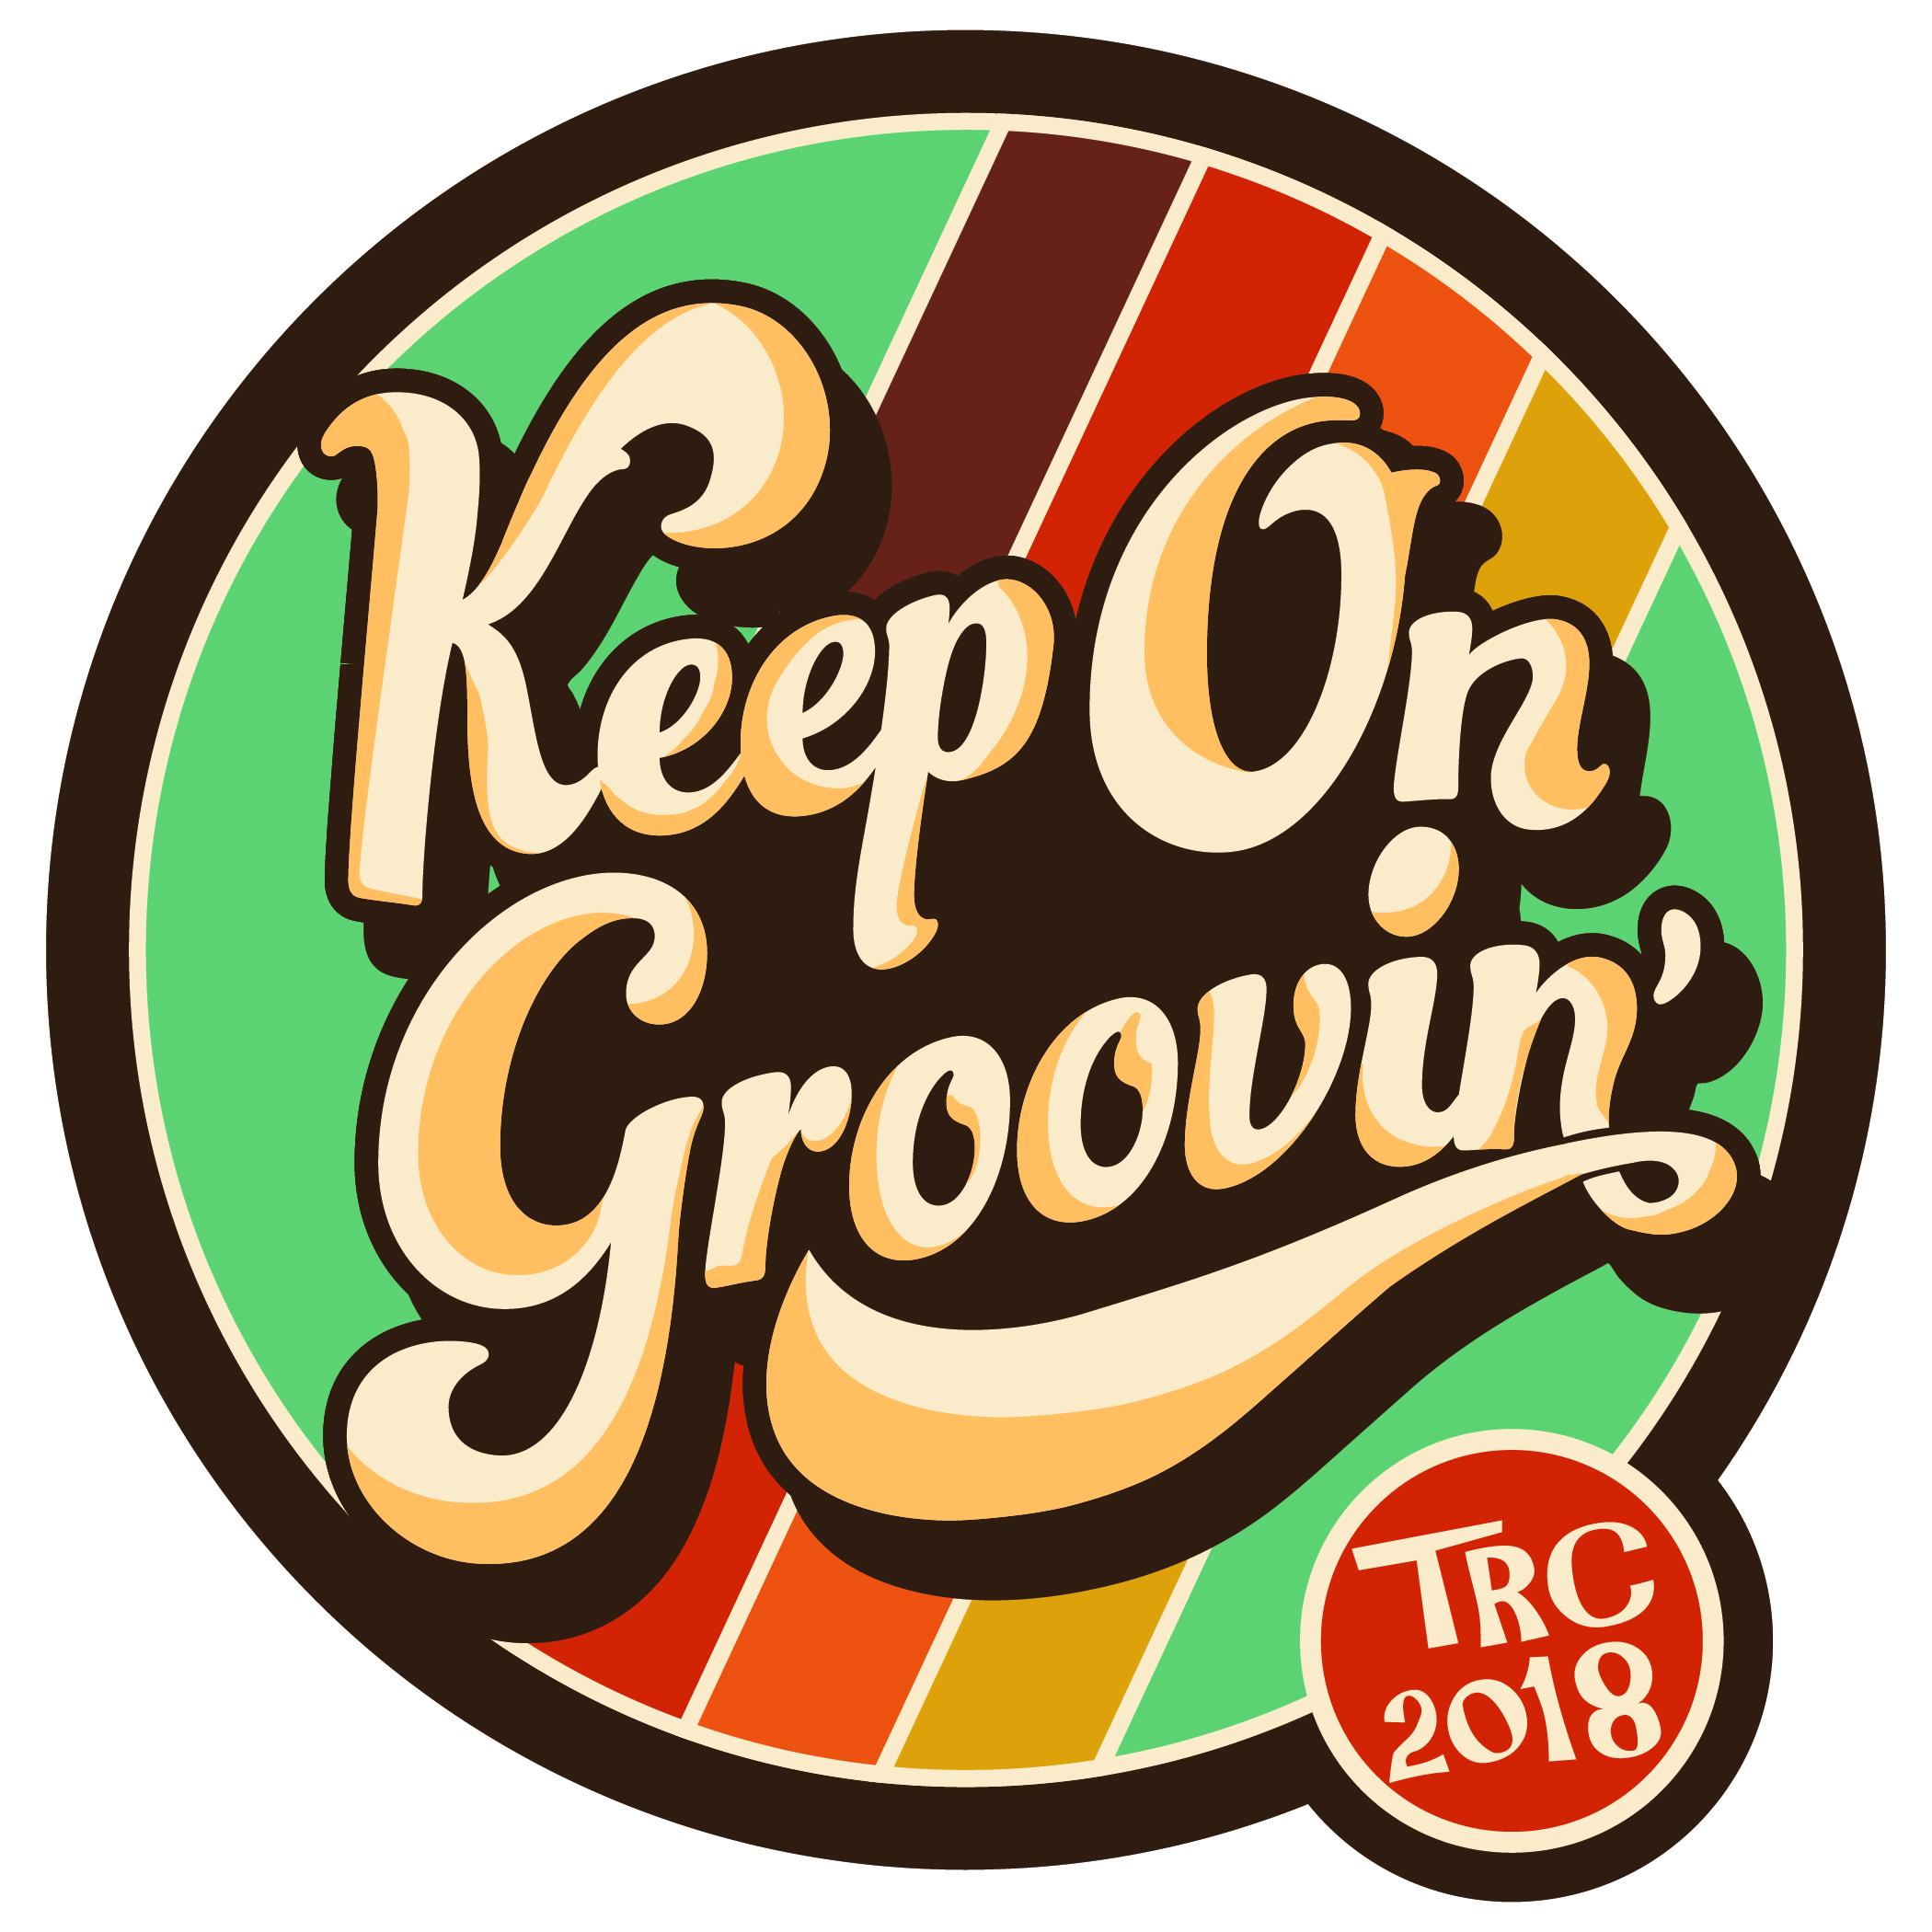 TRC_2018_logo-01